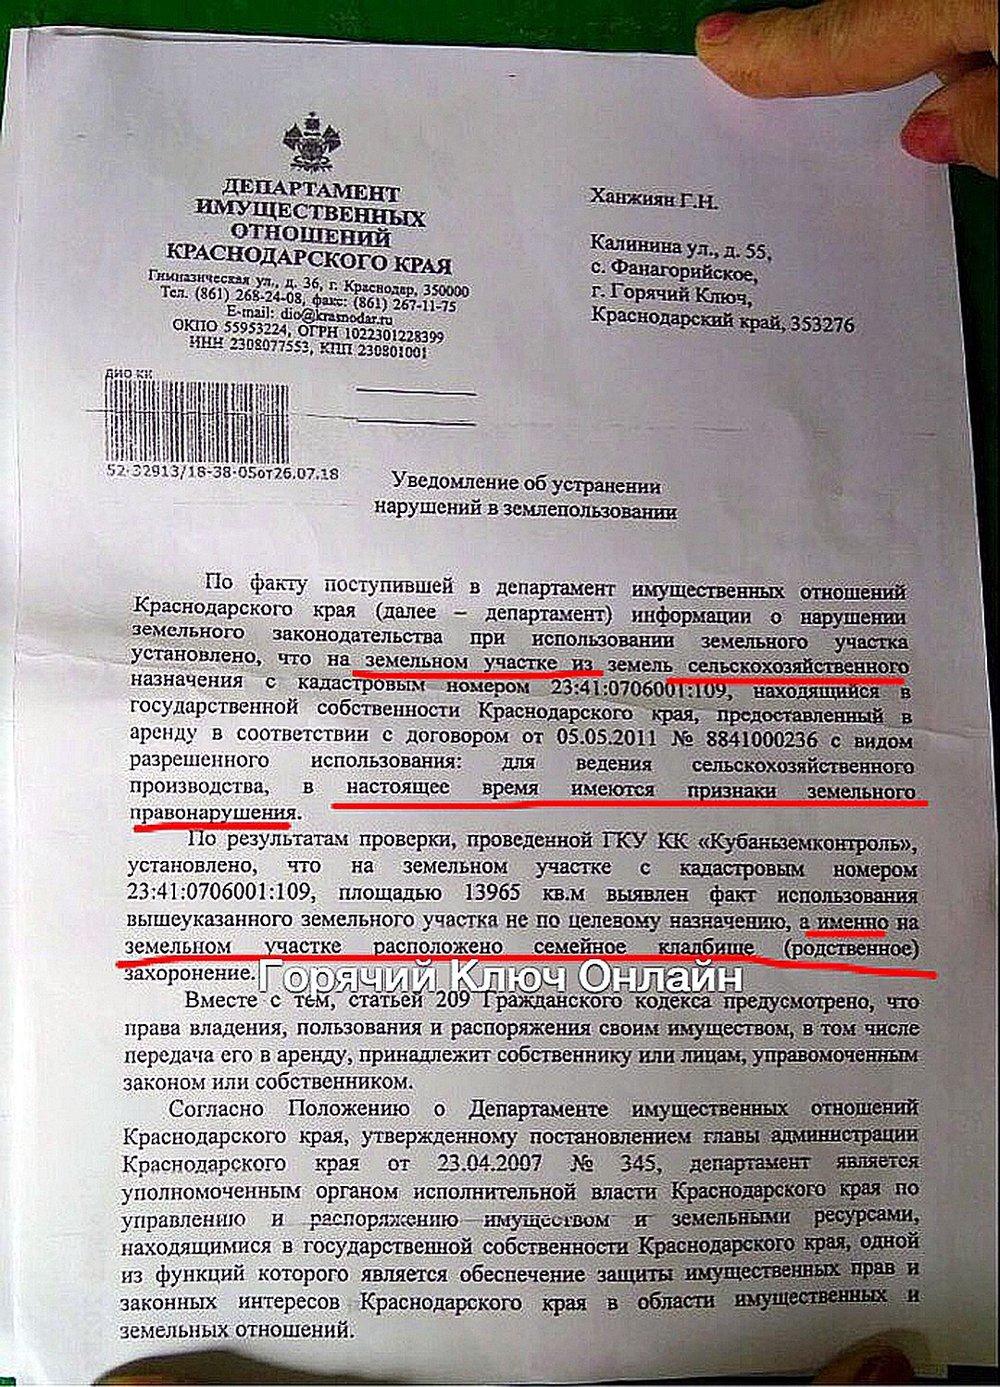 Документ, присланный чиновниками   kuban.kp.ru